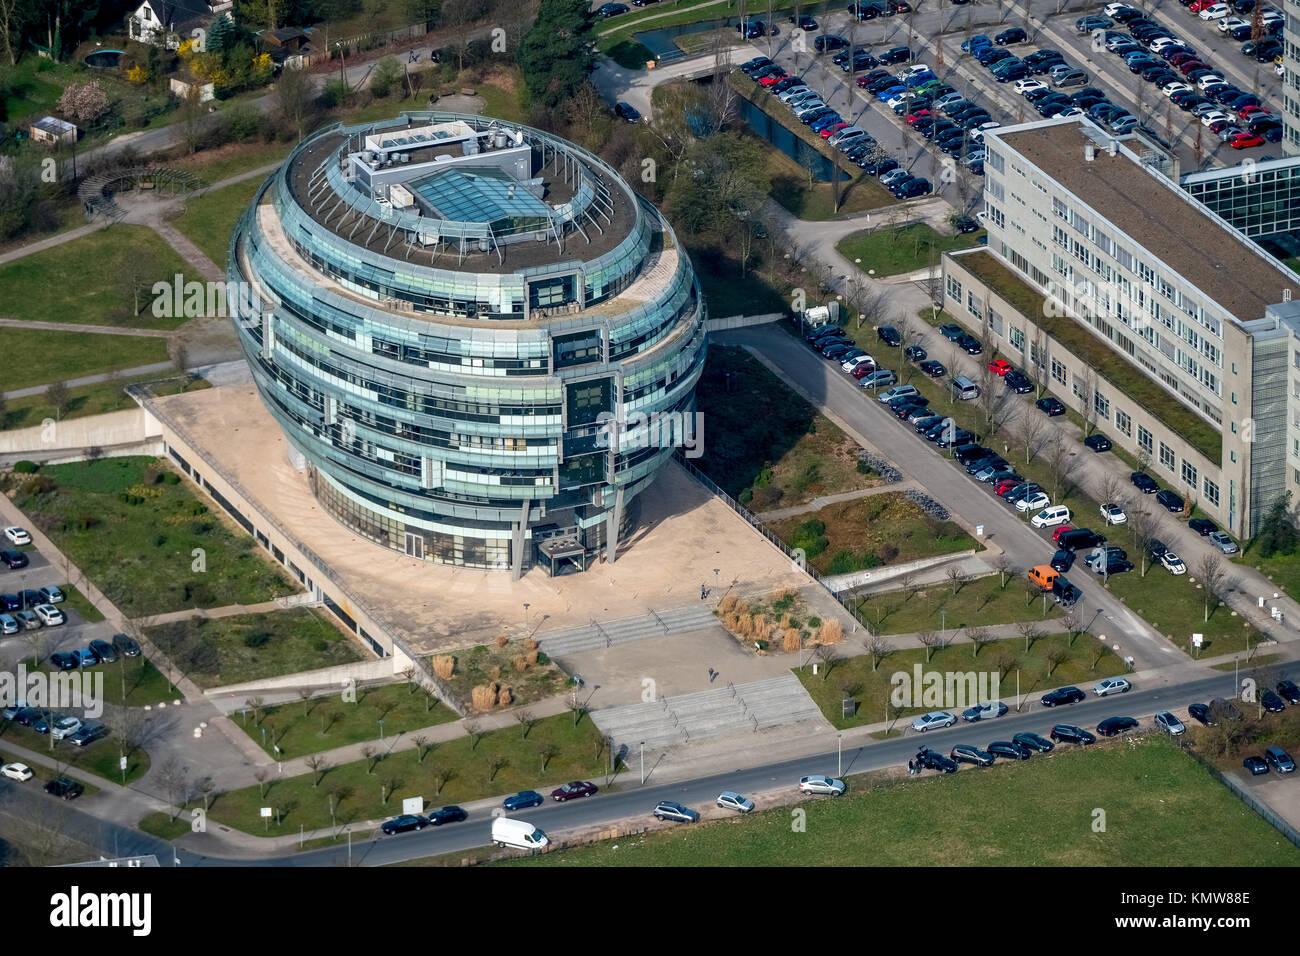 Office Tower Heise Hauptsitz in Hannover in Kugelform, Heise Medien GmbH & Co. KG, Heise Media Service GmbH Stockbild